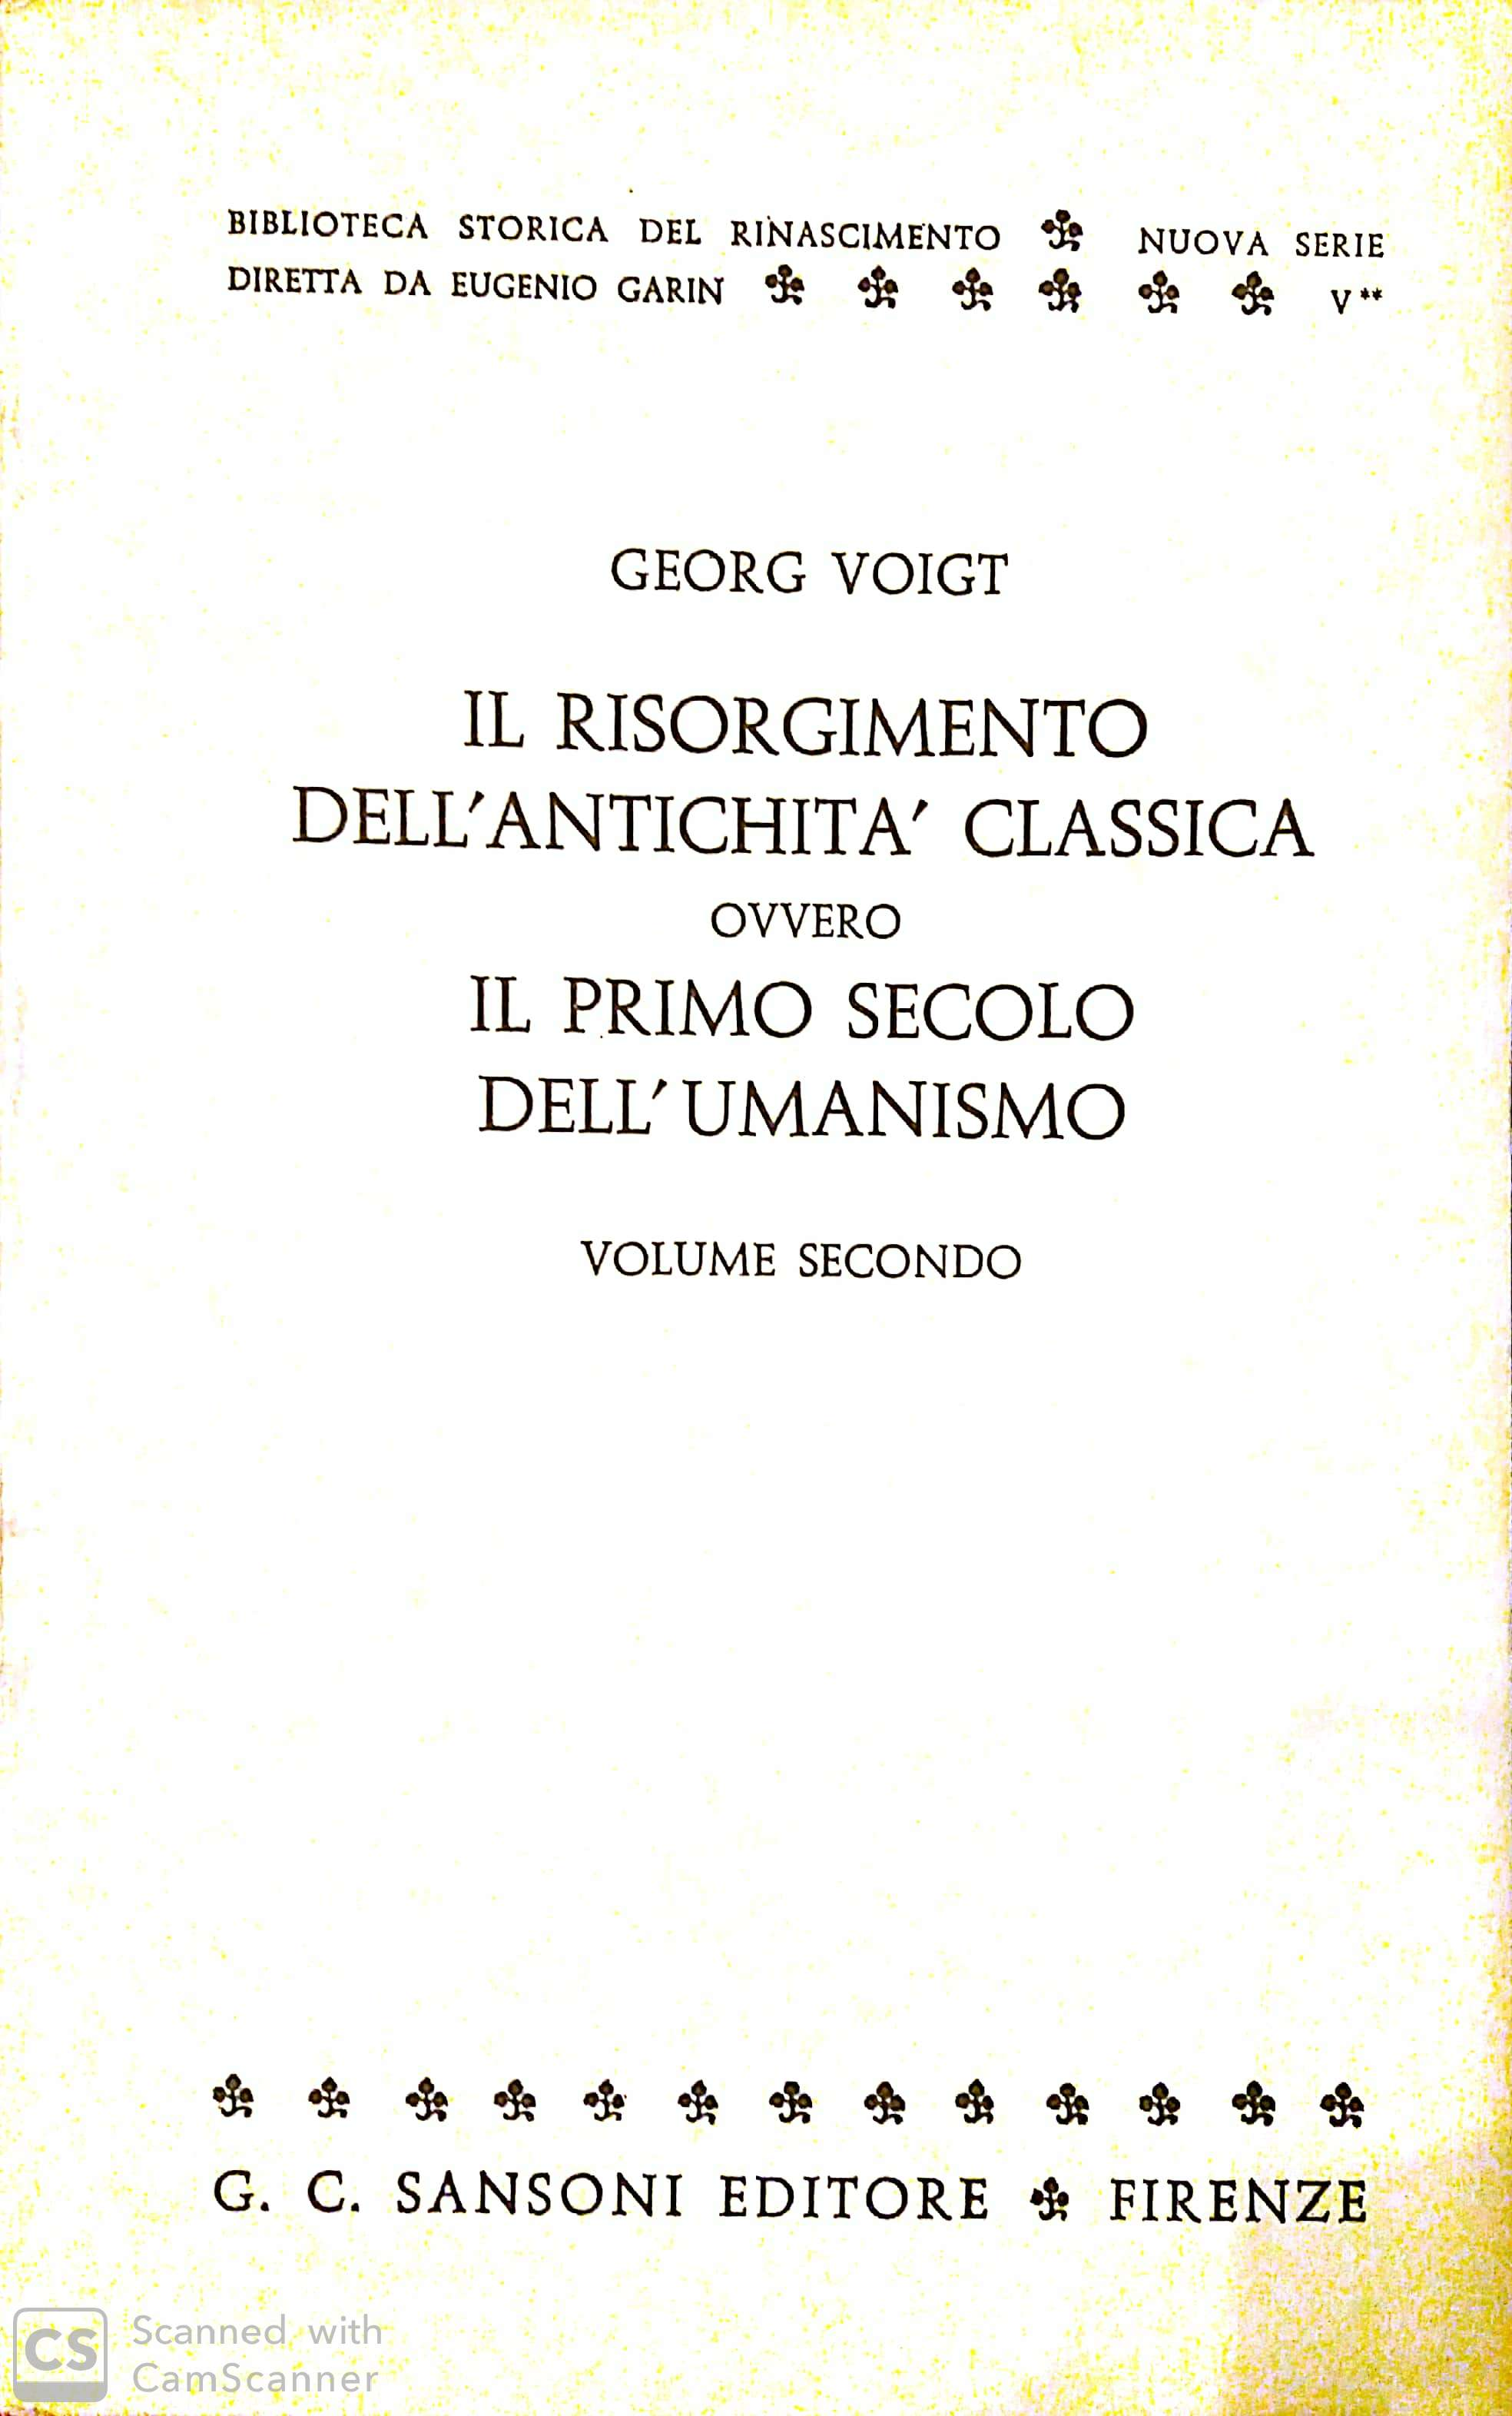 Il Risorgimento dell'antichità classica, ovvero il primo secolo dell'Umanismo - Vol. 2